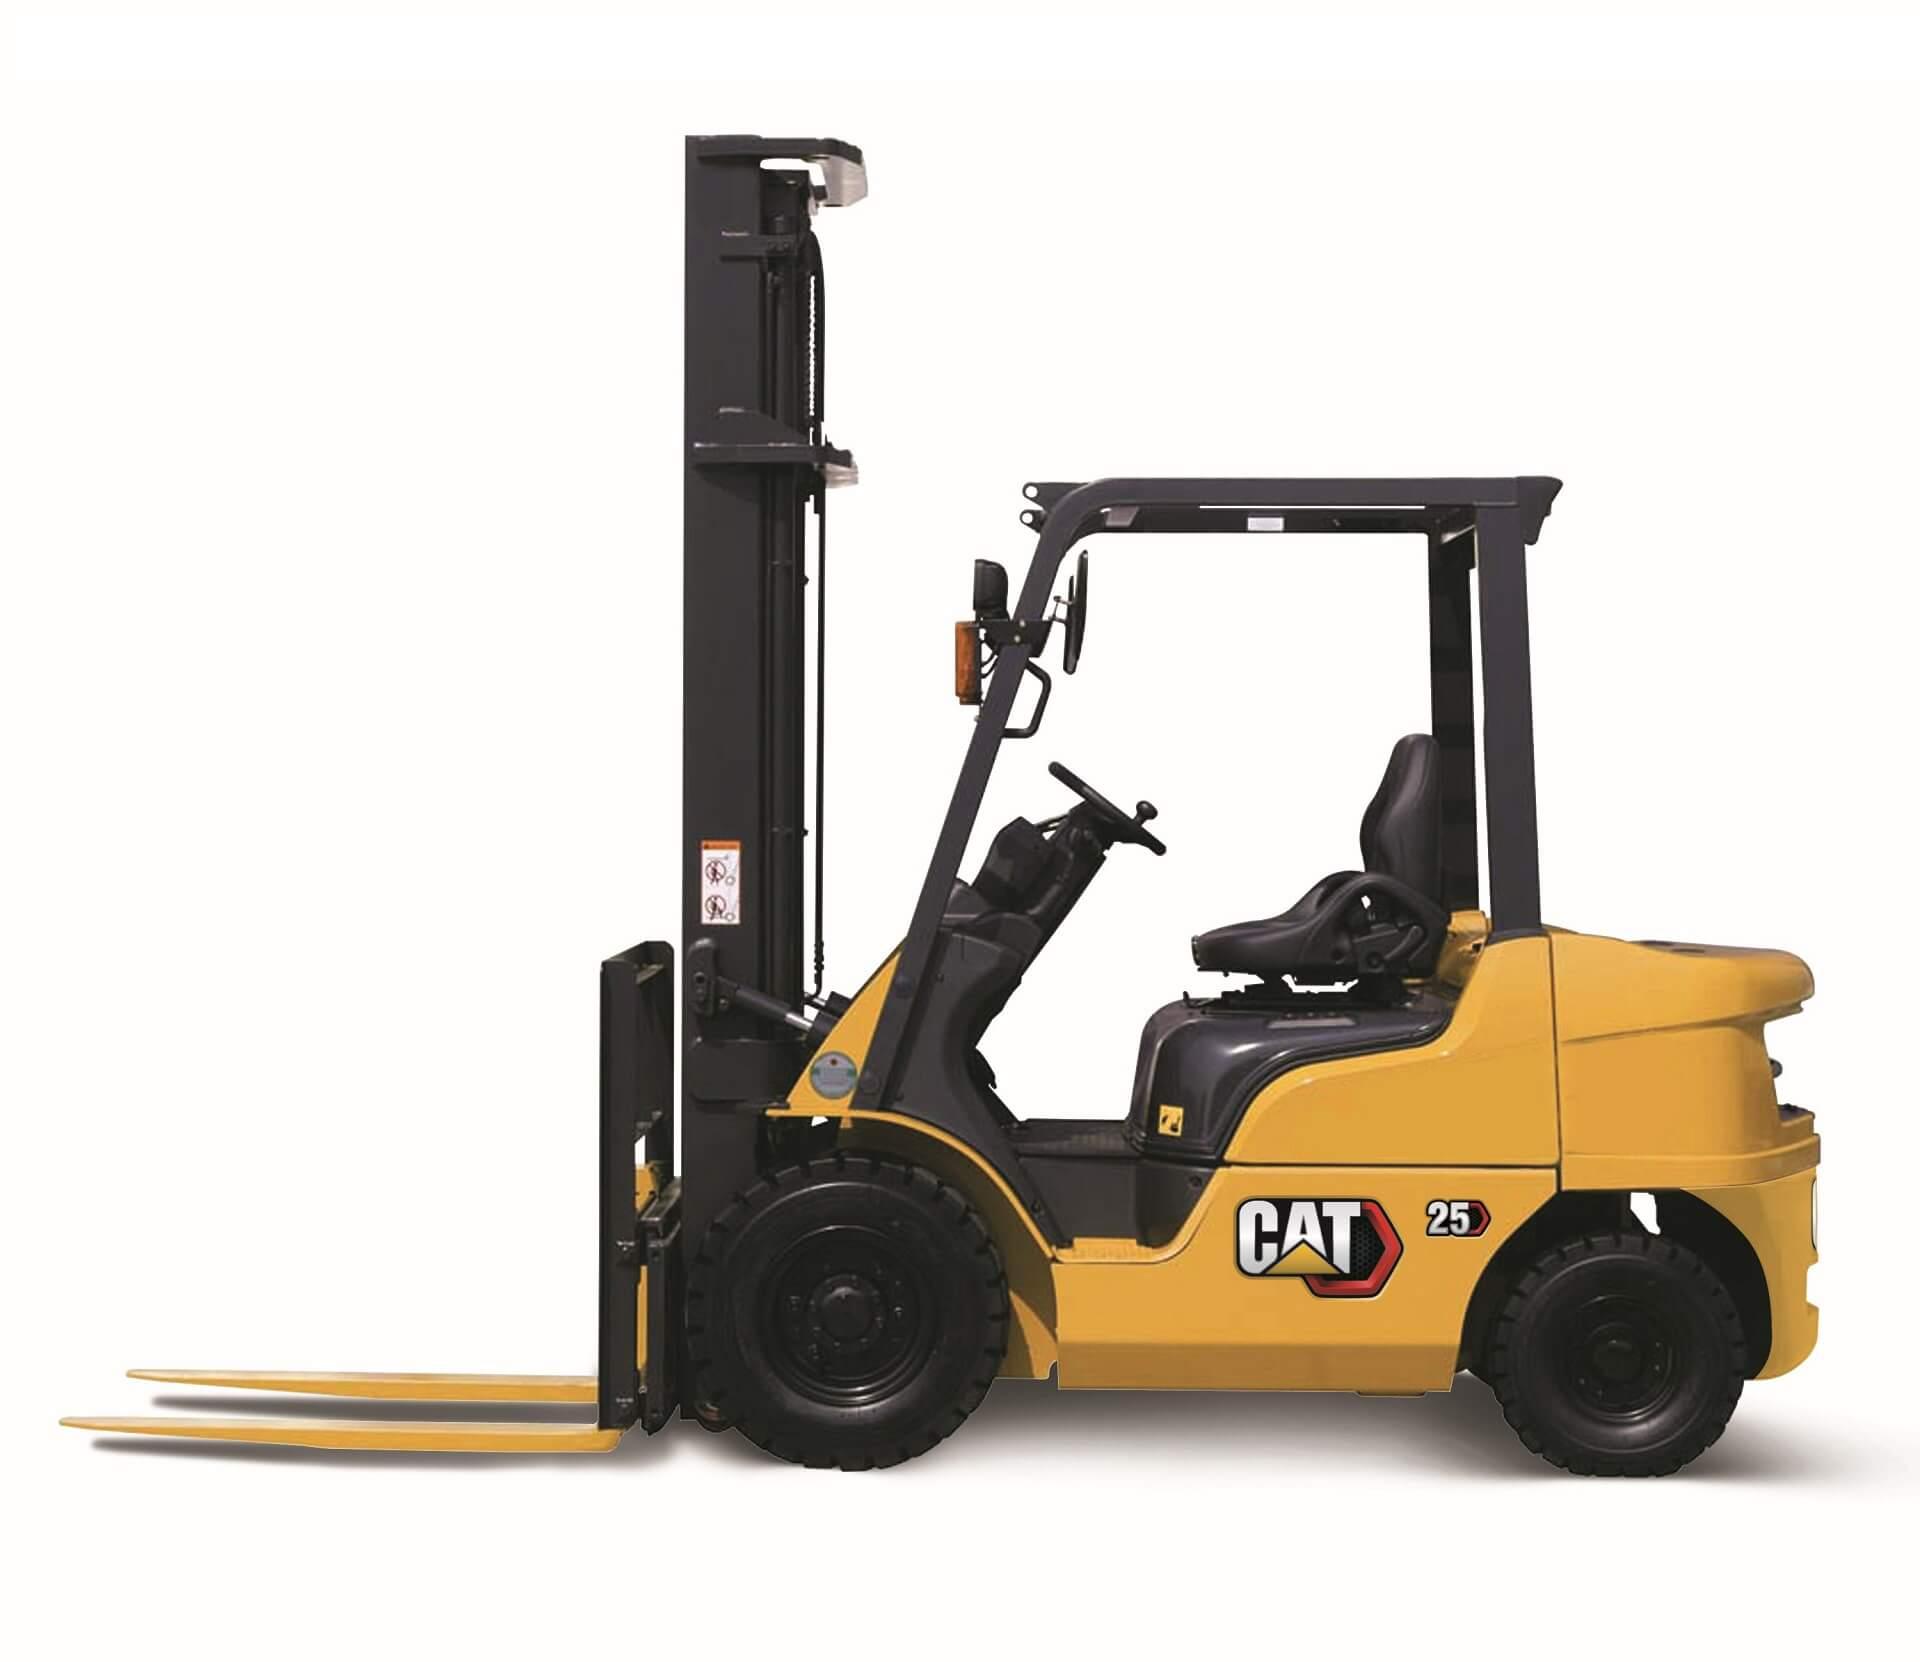 Xe nâng dầu/xăng/LPG - Phú Thái Cat